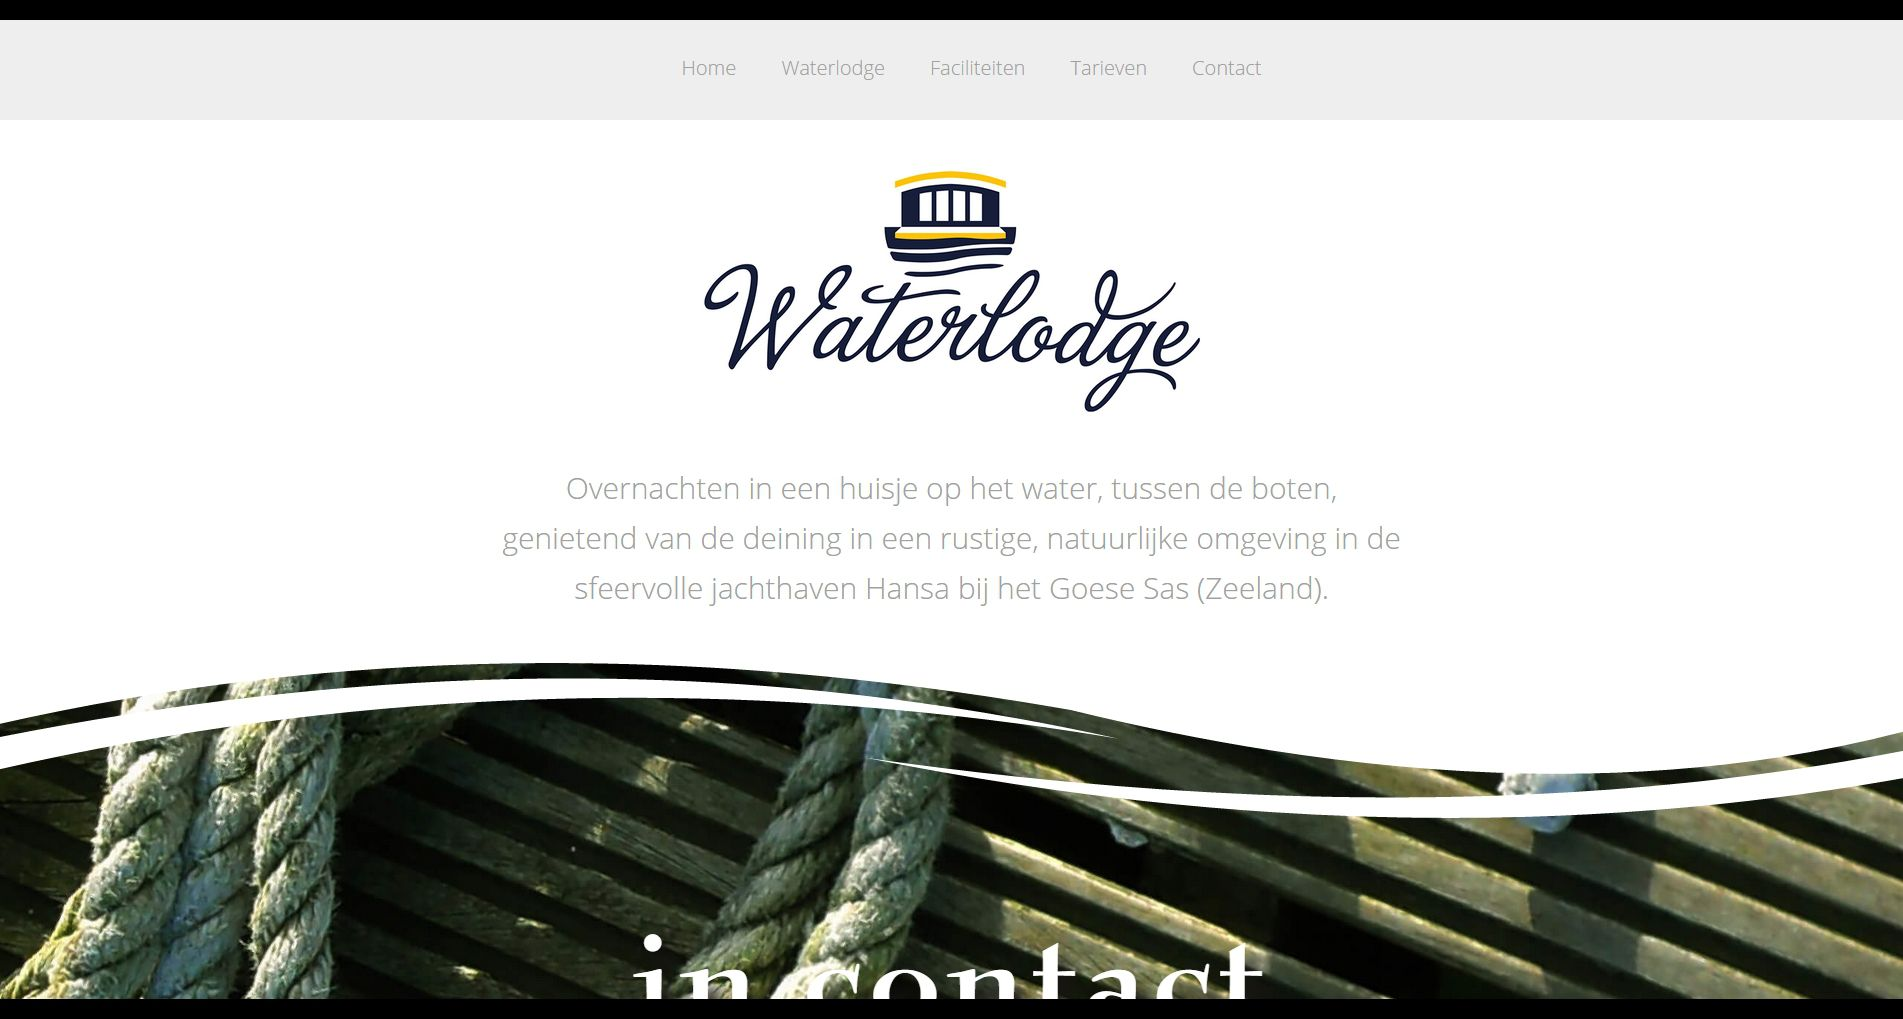 Desktop weergave van de website voor Logeren op het Water van Hansa Watersport in het Goese Sas (Zeeland)